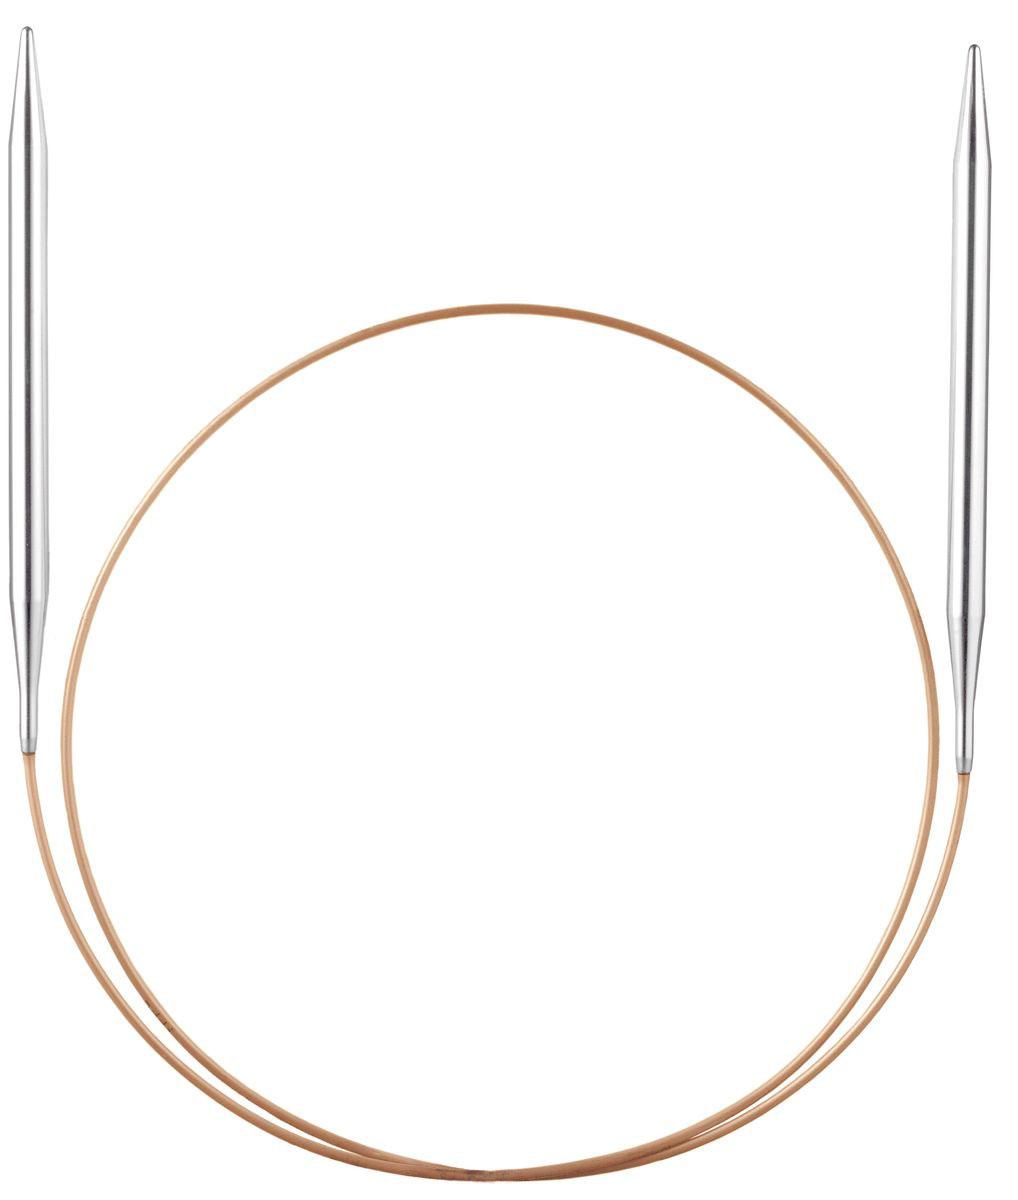 Спицы круговые Addi, супергладкие, диаметр 8 мм, длина 100 см105-7/8-100Спицы Addi, изготовленные из никеля, прекрасно подойдут для вязания изделий без швов. Короткими круговыми спицами вяжут бейки горловины, шапки и варежки, длинными спицами можно вязать по кругу целые модели, например, свитера и пуловеры. Полые и очень легкие спицы с удлиненным кончиком скреплены гибкой леской. Гладкое покрытие и тонкие переходы от спицы к леске позволяют петлям легче скользить. Малый вес изделия убережет ваши руки от усталости при вязании. Вы сможете вязать для себя, делать подарки друзьям. Работа, сделанная своими руками, долго будет радовать вас и ваших близких.